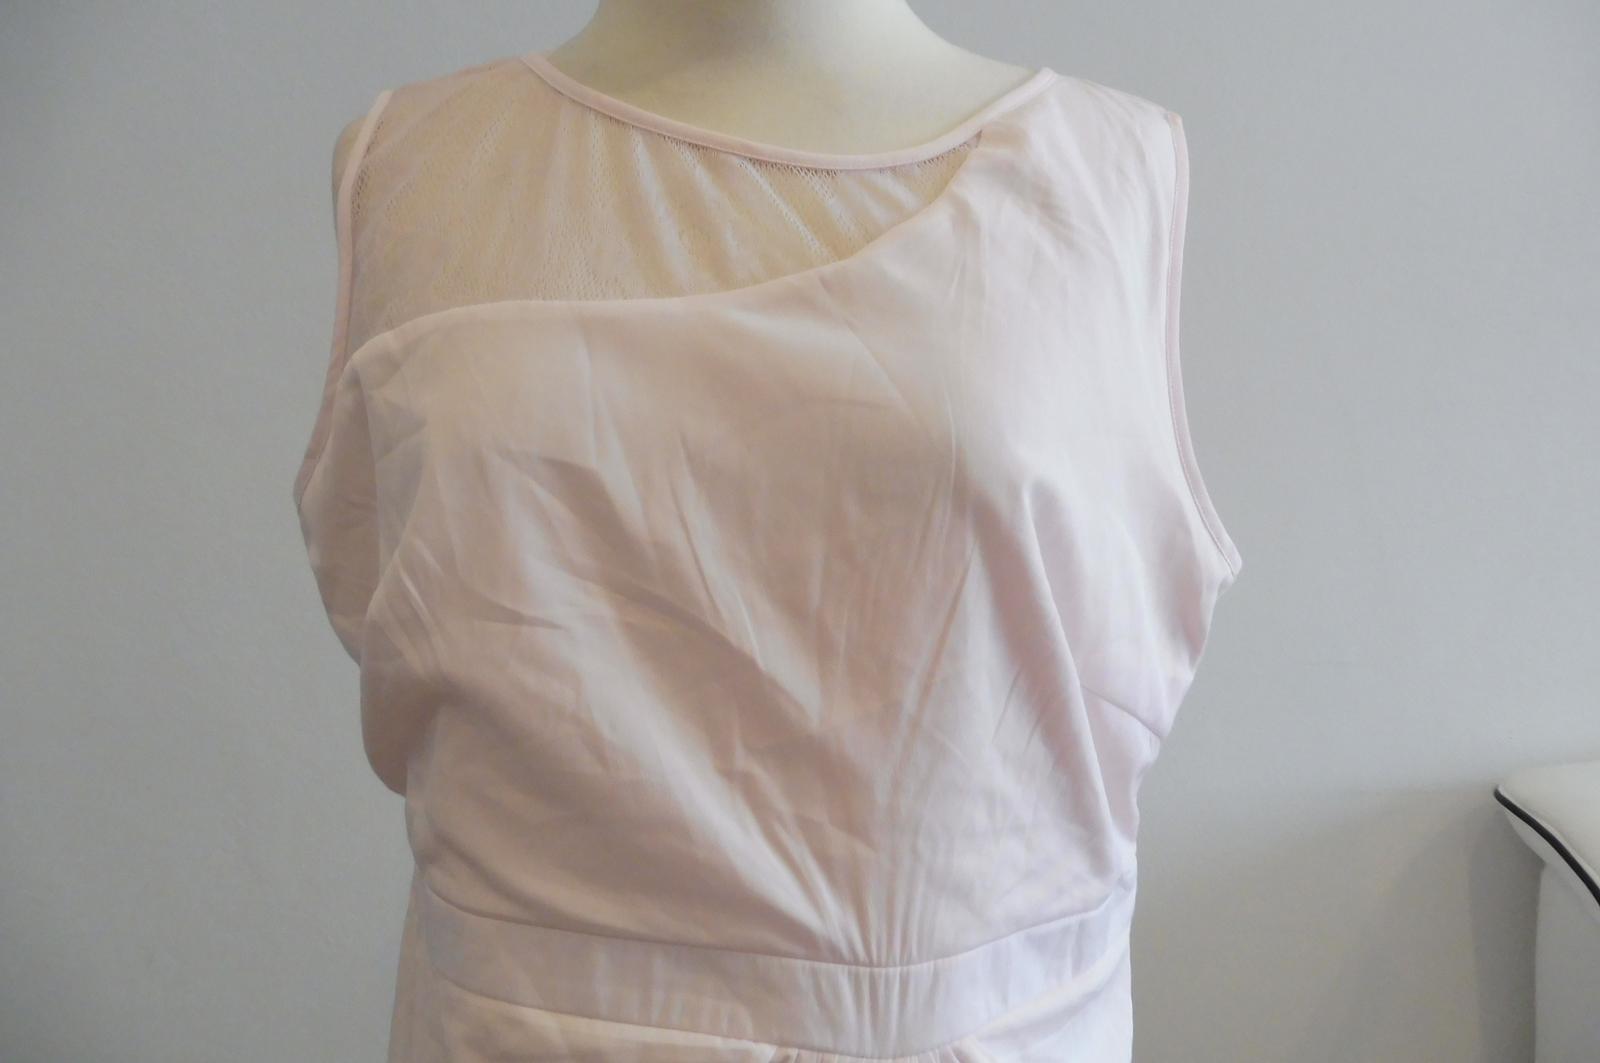 růžové šaty BPX vel.44 - Obrázek č. 2